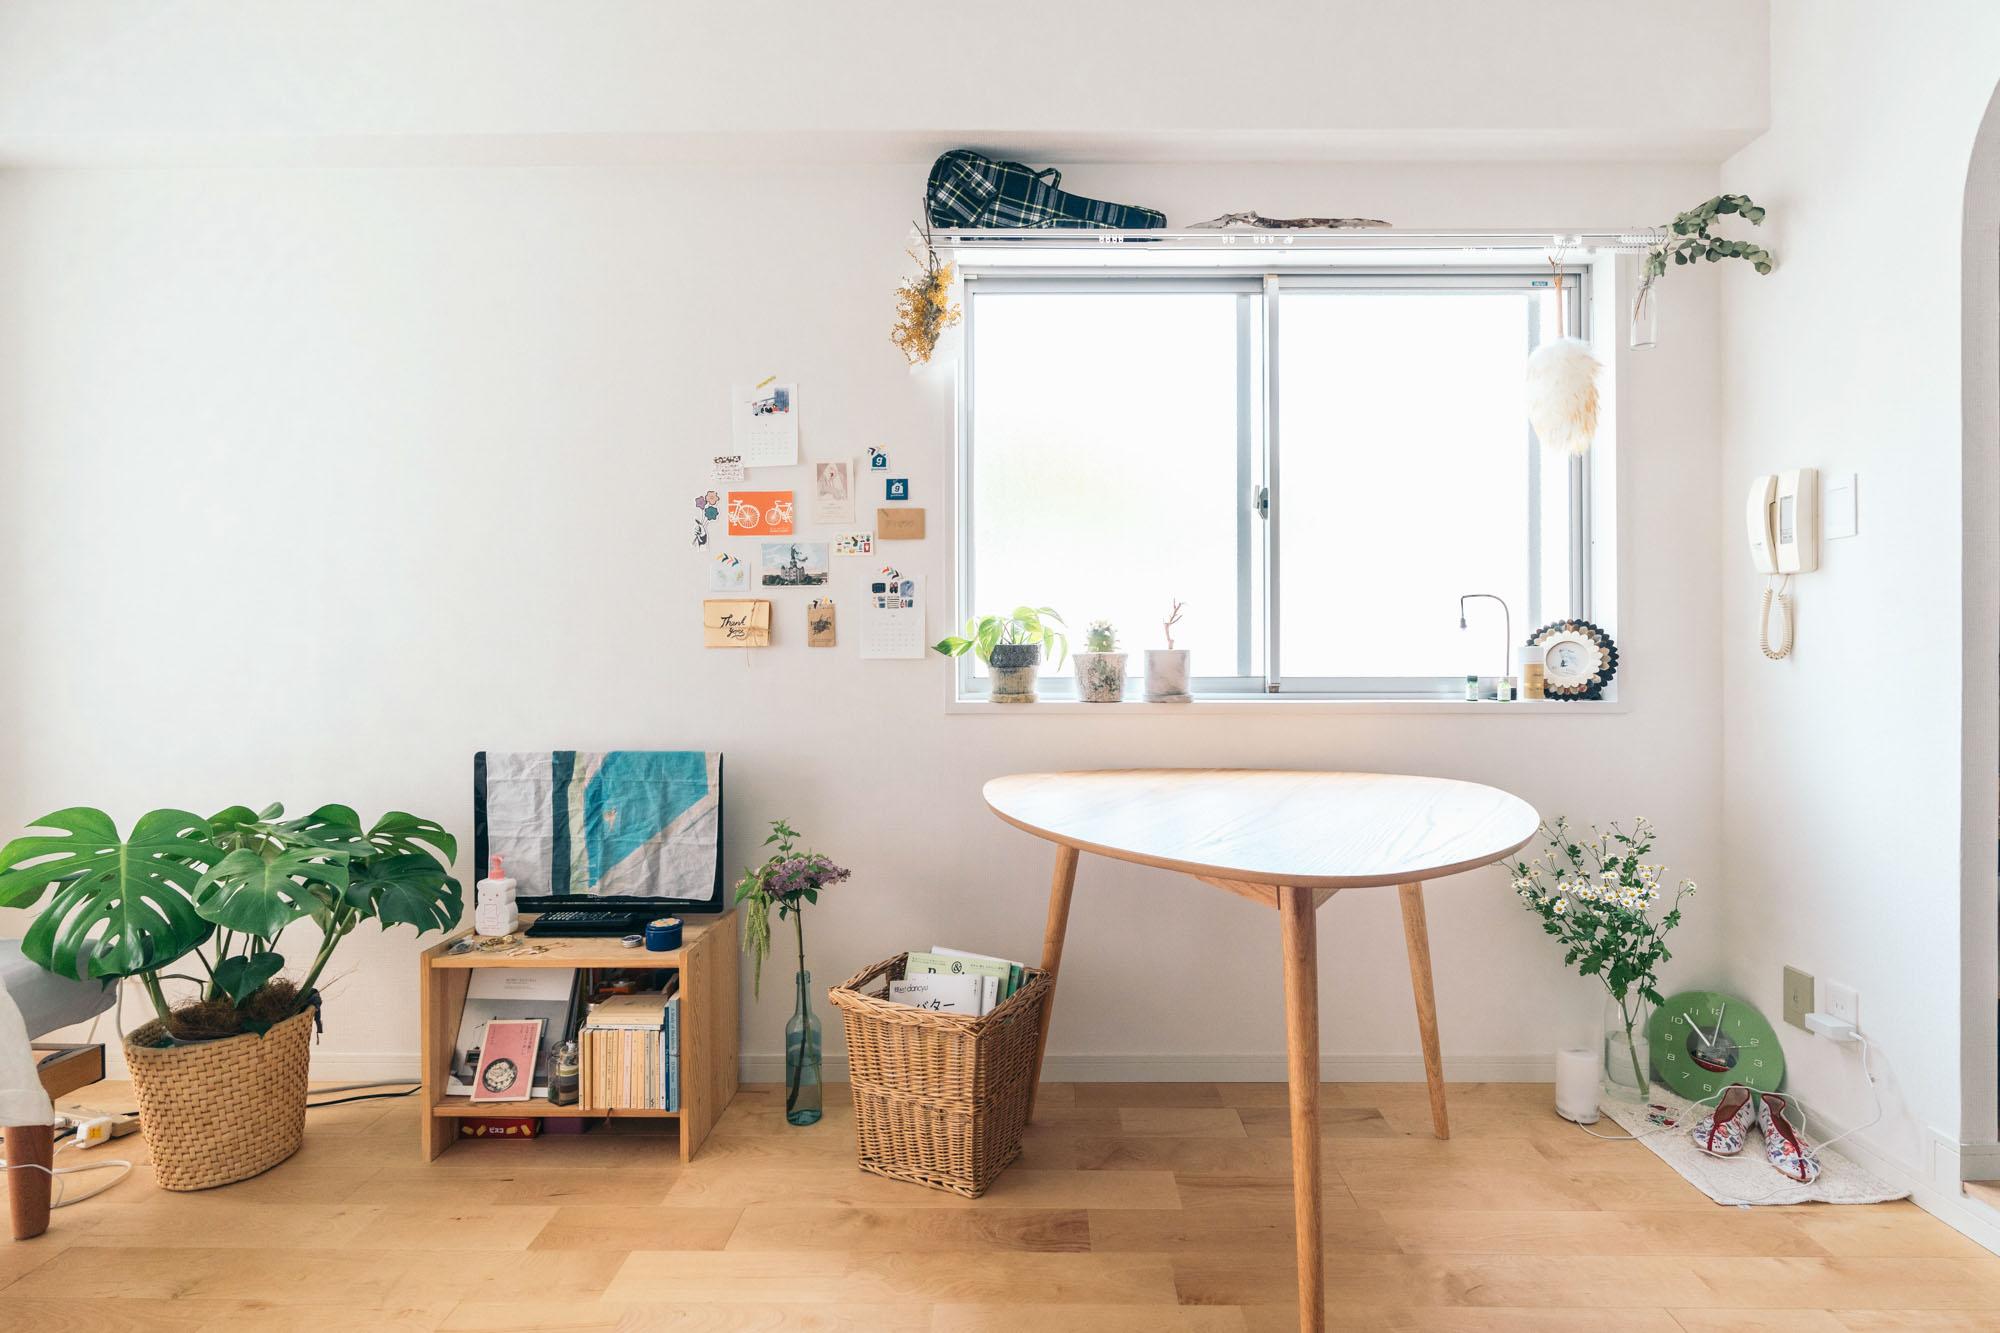 ダイニングテーブルのレイアウトはこちらの記事を参考に:ちょっと高さをプラス。一人暮らしの部屋で仕事をするなら、ダイニングテーブル兼ワークデスクがおすすめ!